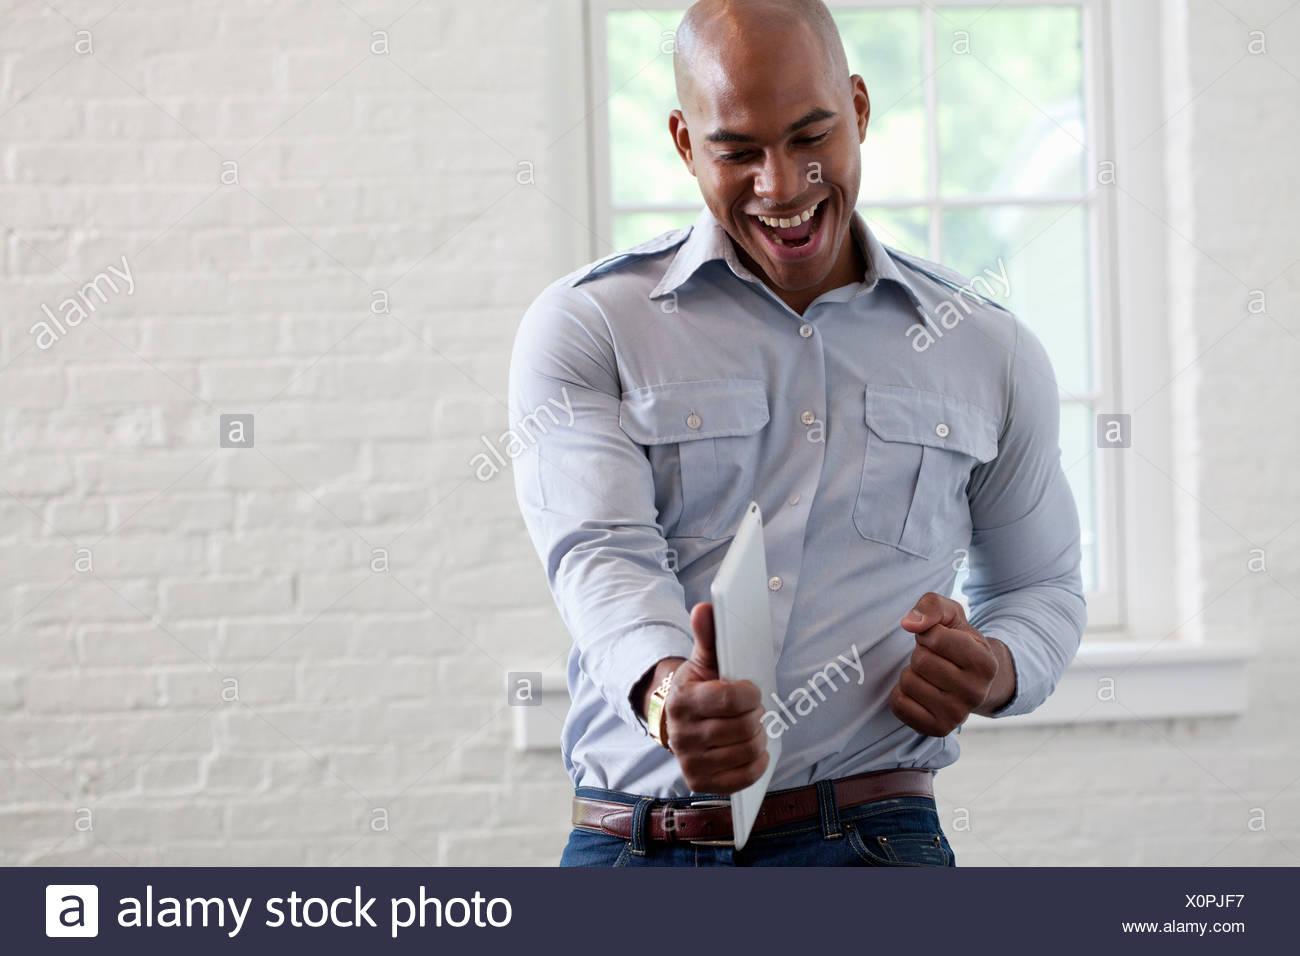 A mediados adulto trabajador de oficina digital holding y de perforación de aire comprimido Imagen De Stock